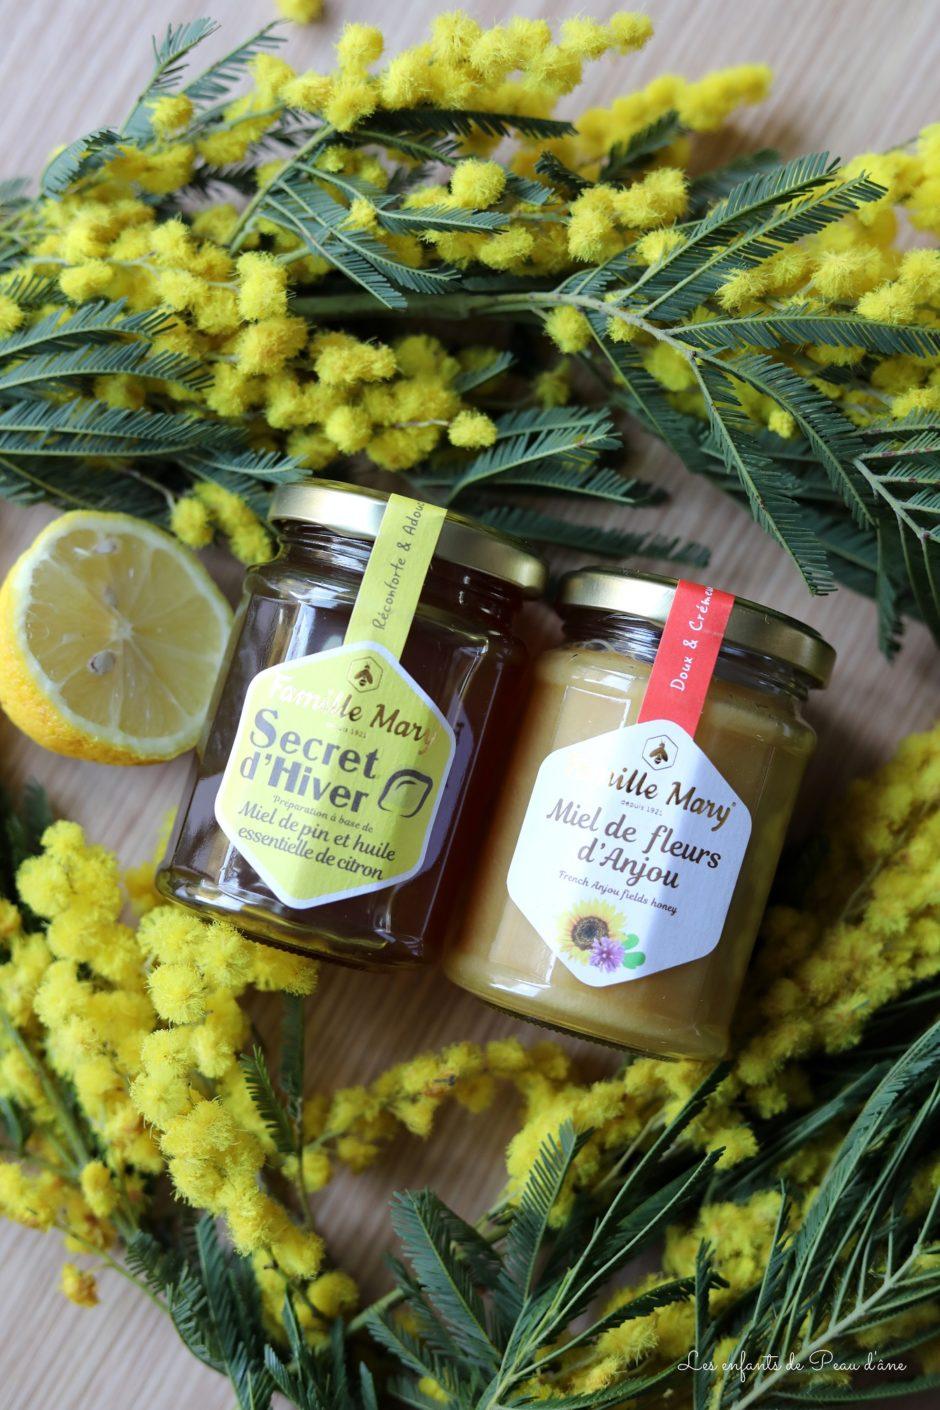 Famille Mary - Miel Secret d'hiver et Miel de fleurs d'Anjou